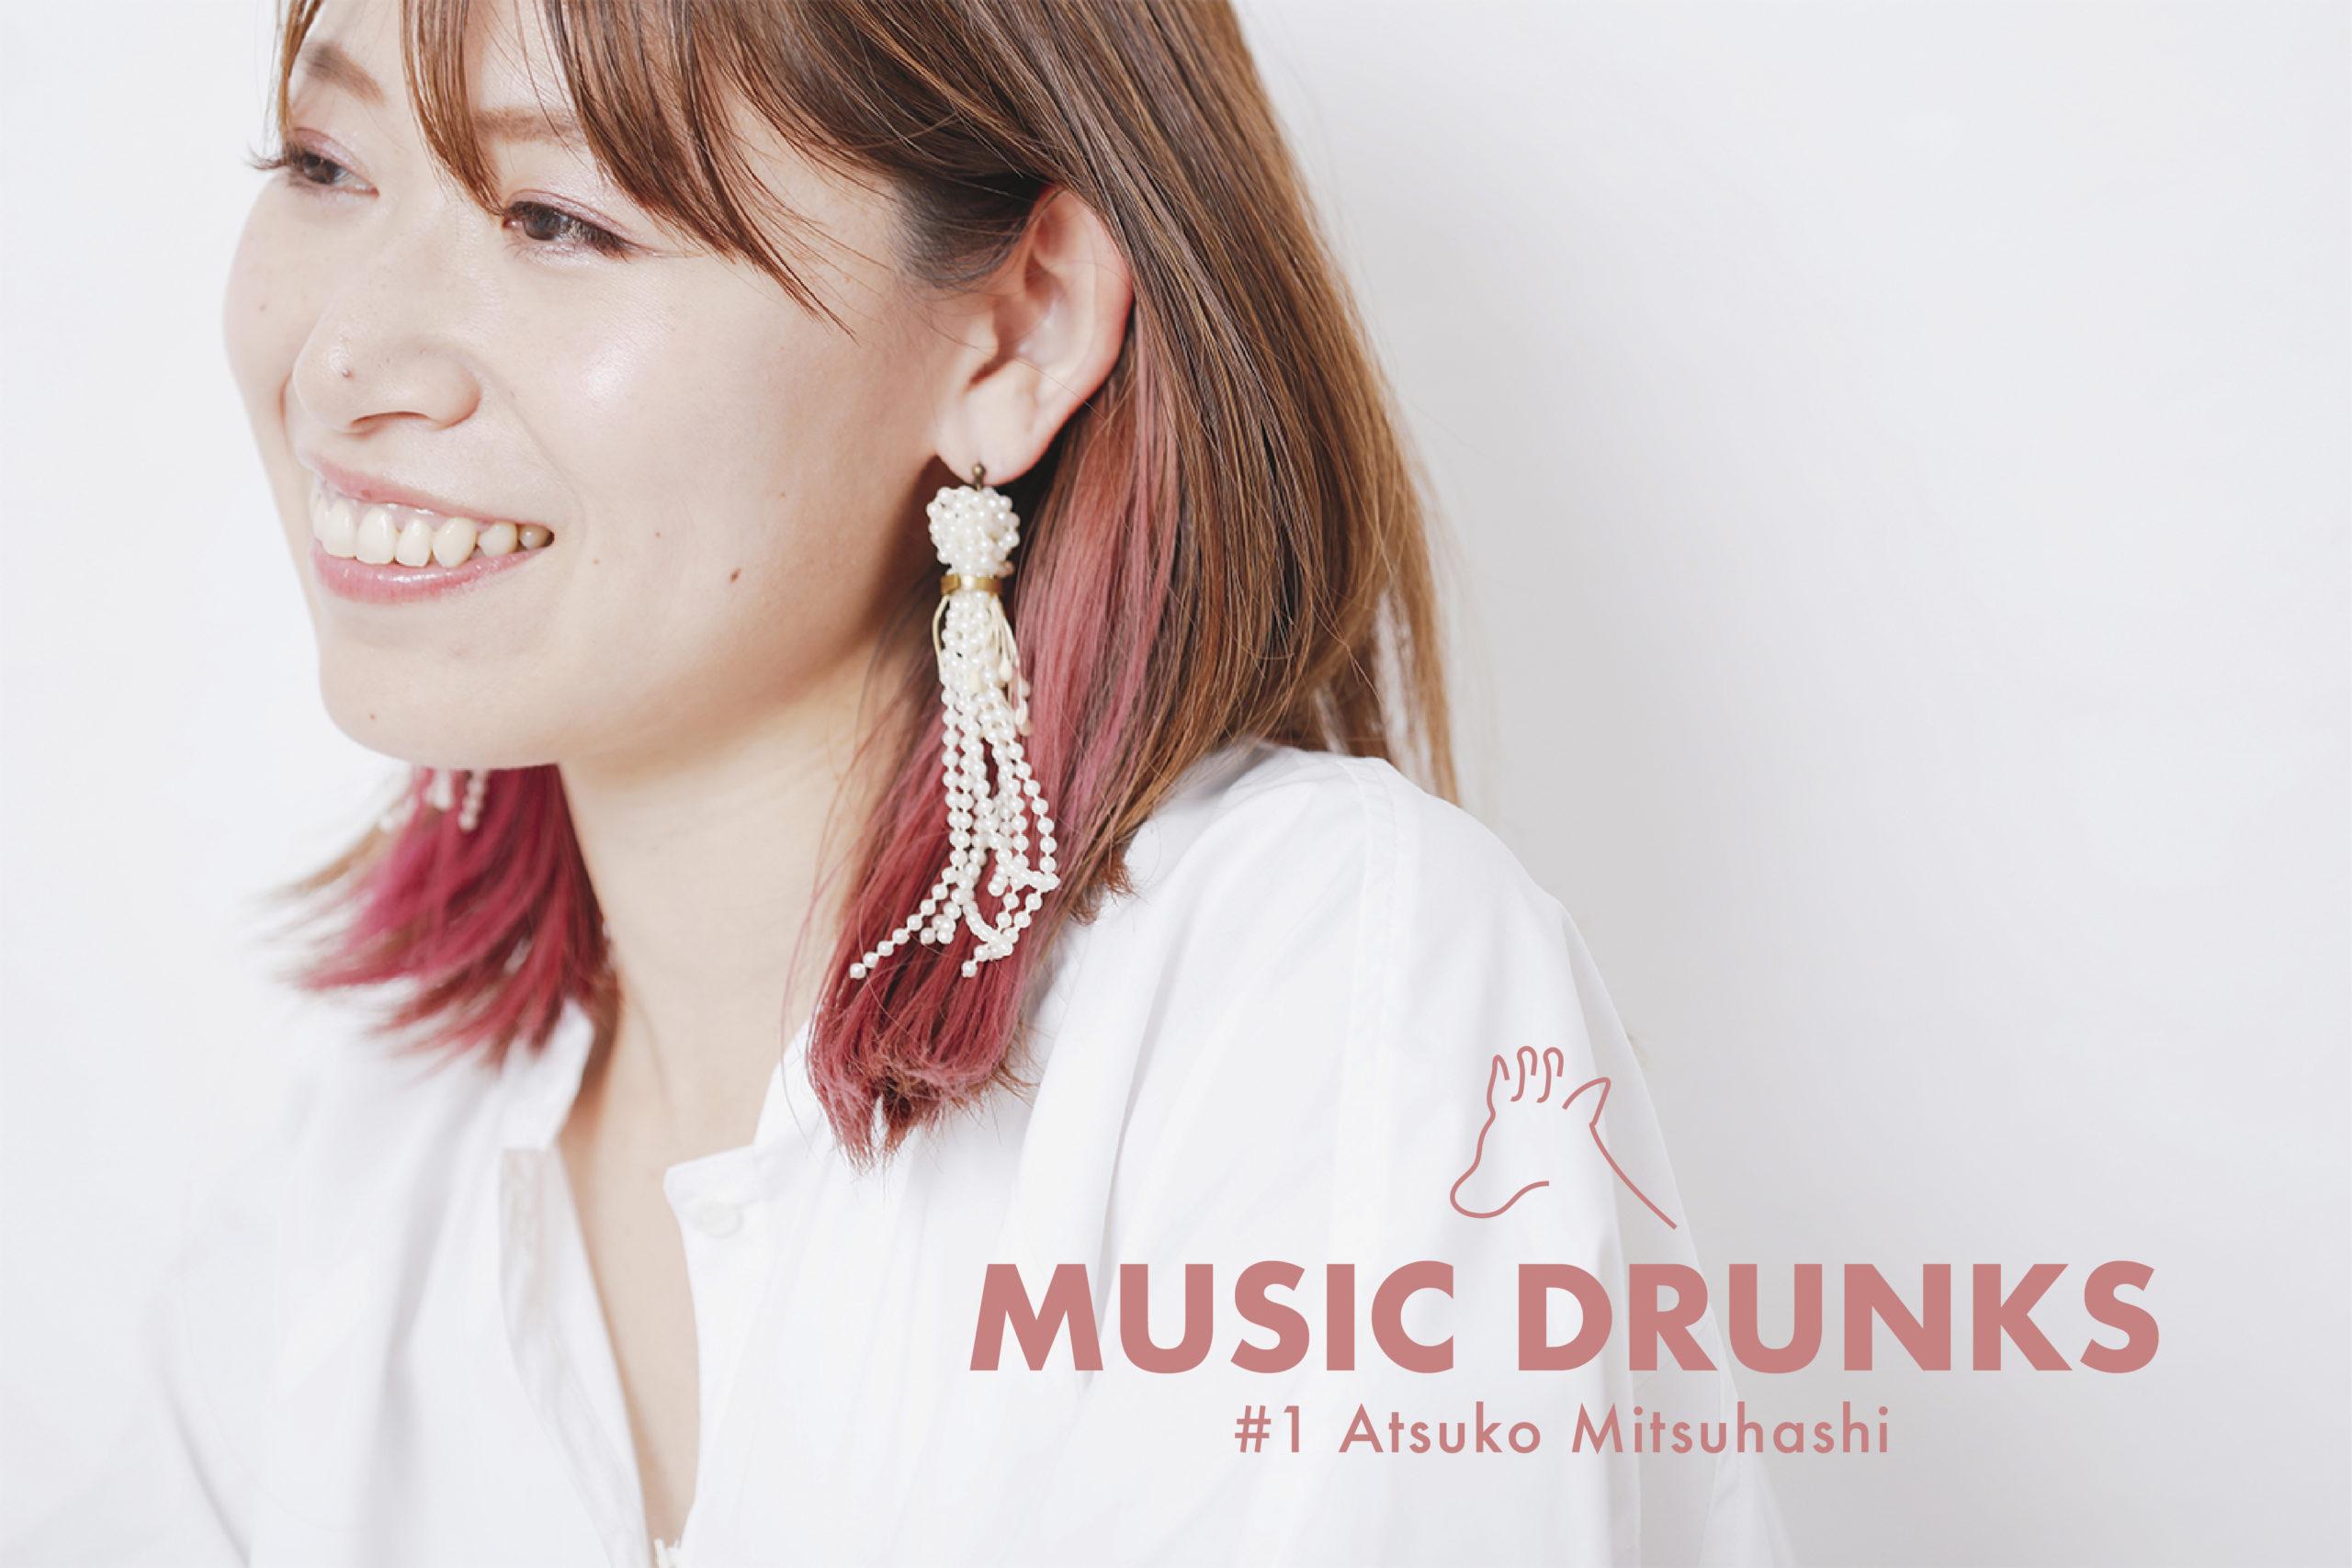 【MUSIC DRUNKS #1】ヂラフマガジン編集長・三橋温子 / ライブ、フェス、音楽、自分のすべてを注ぎ込めるもの